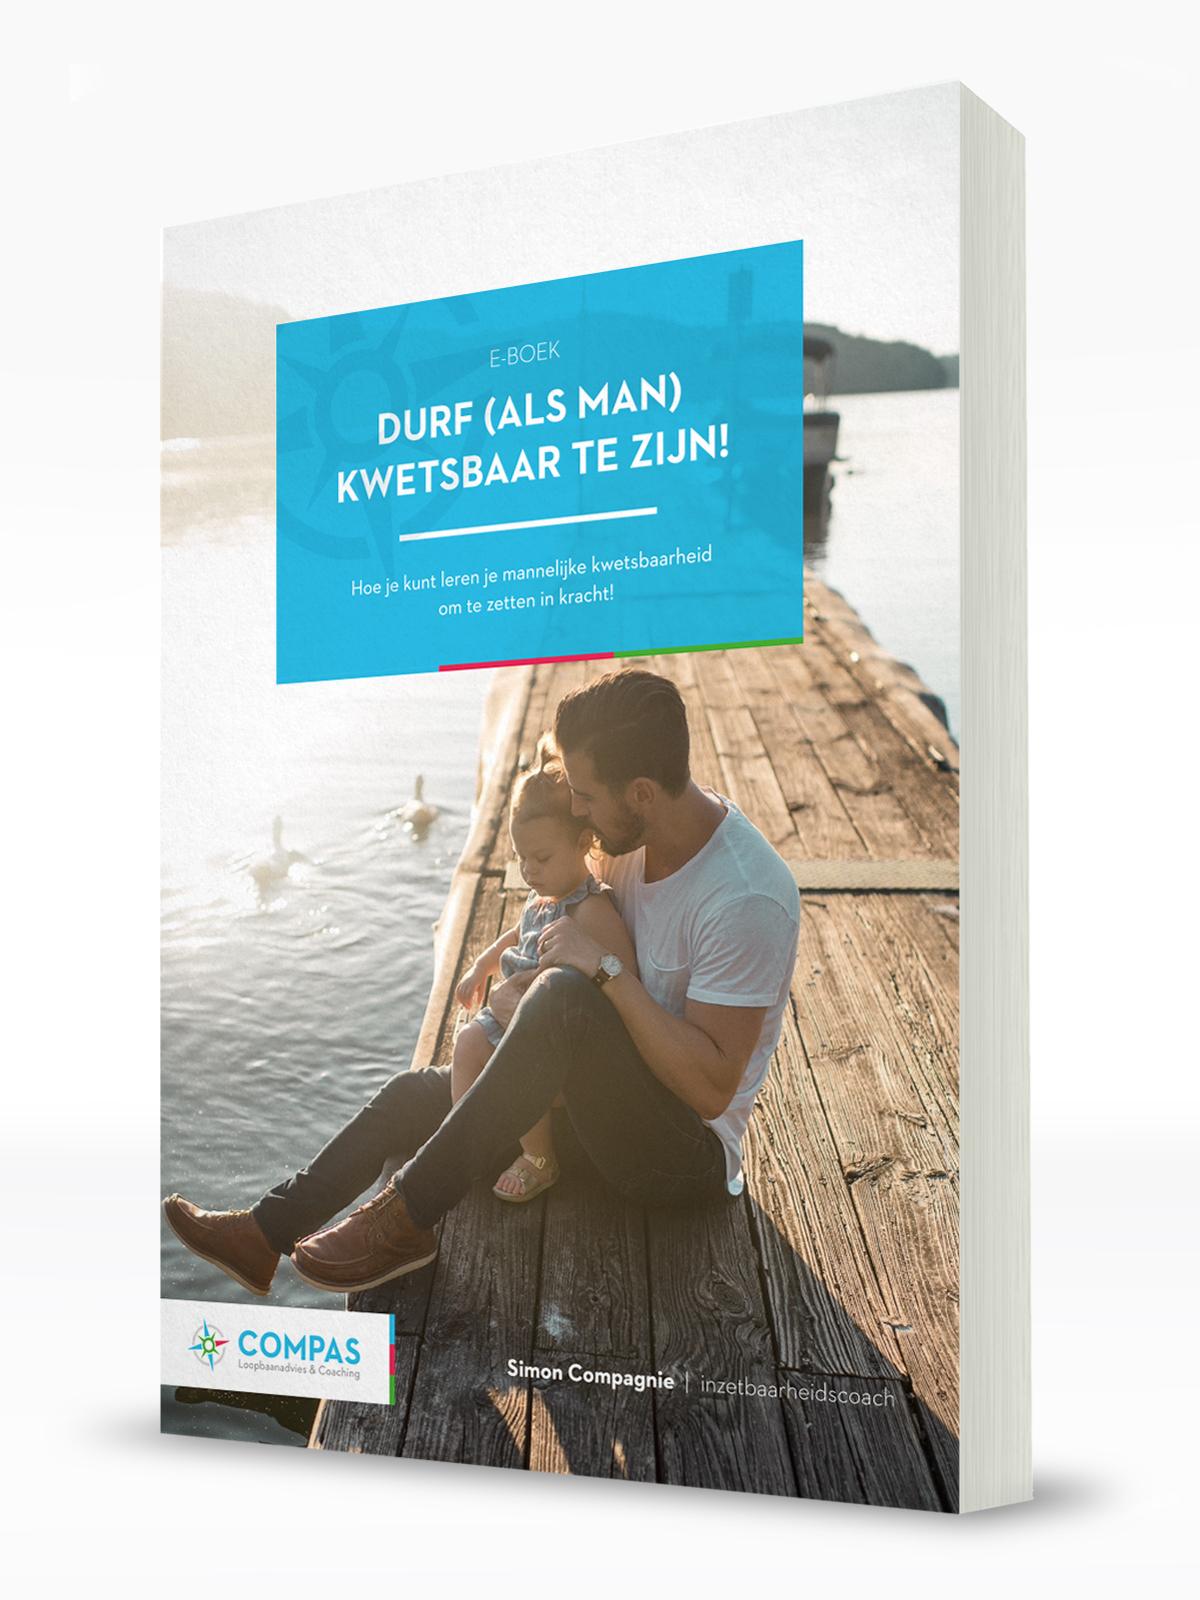 Nieuw: e-boek Durf als man kwetsbaar te zijn!